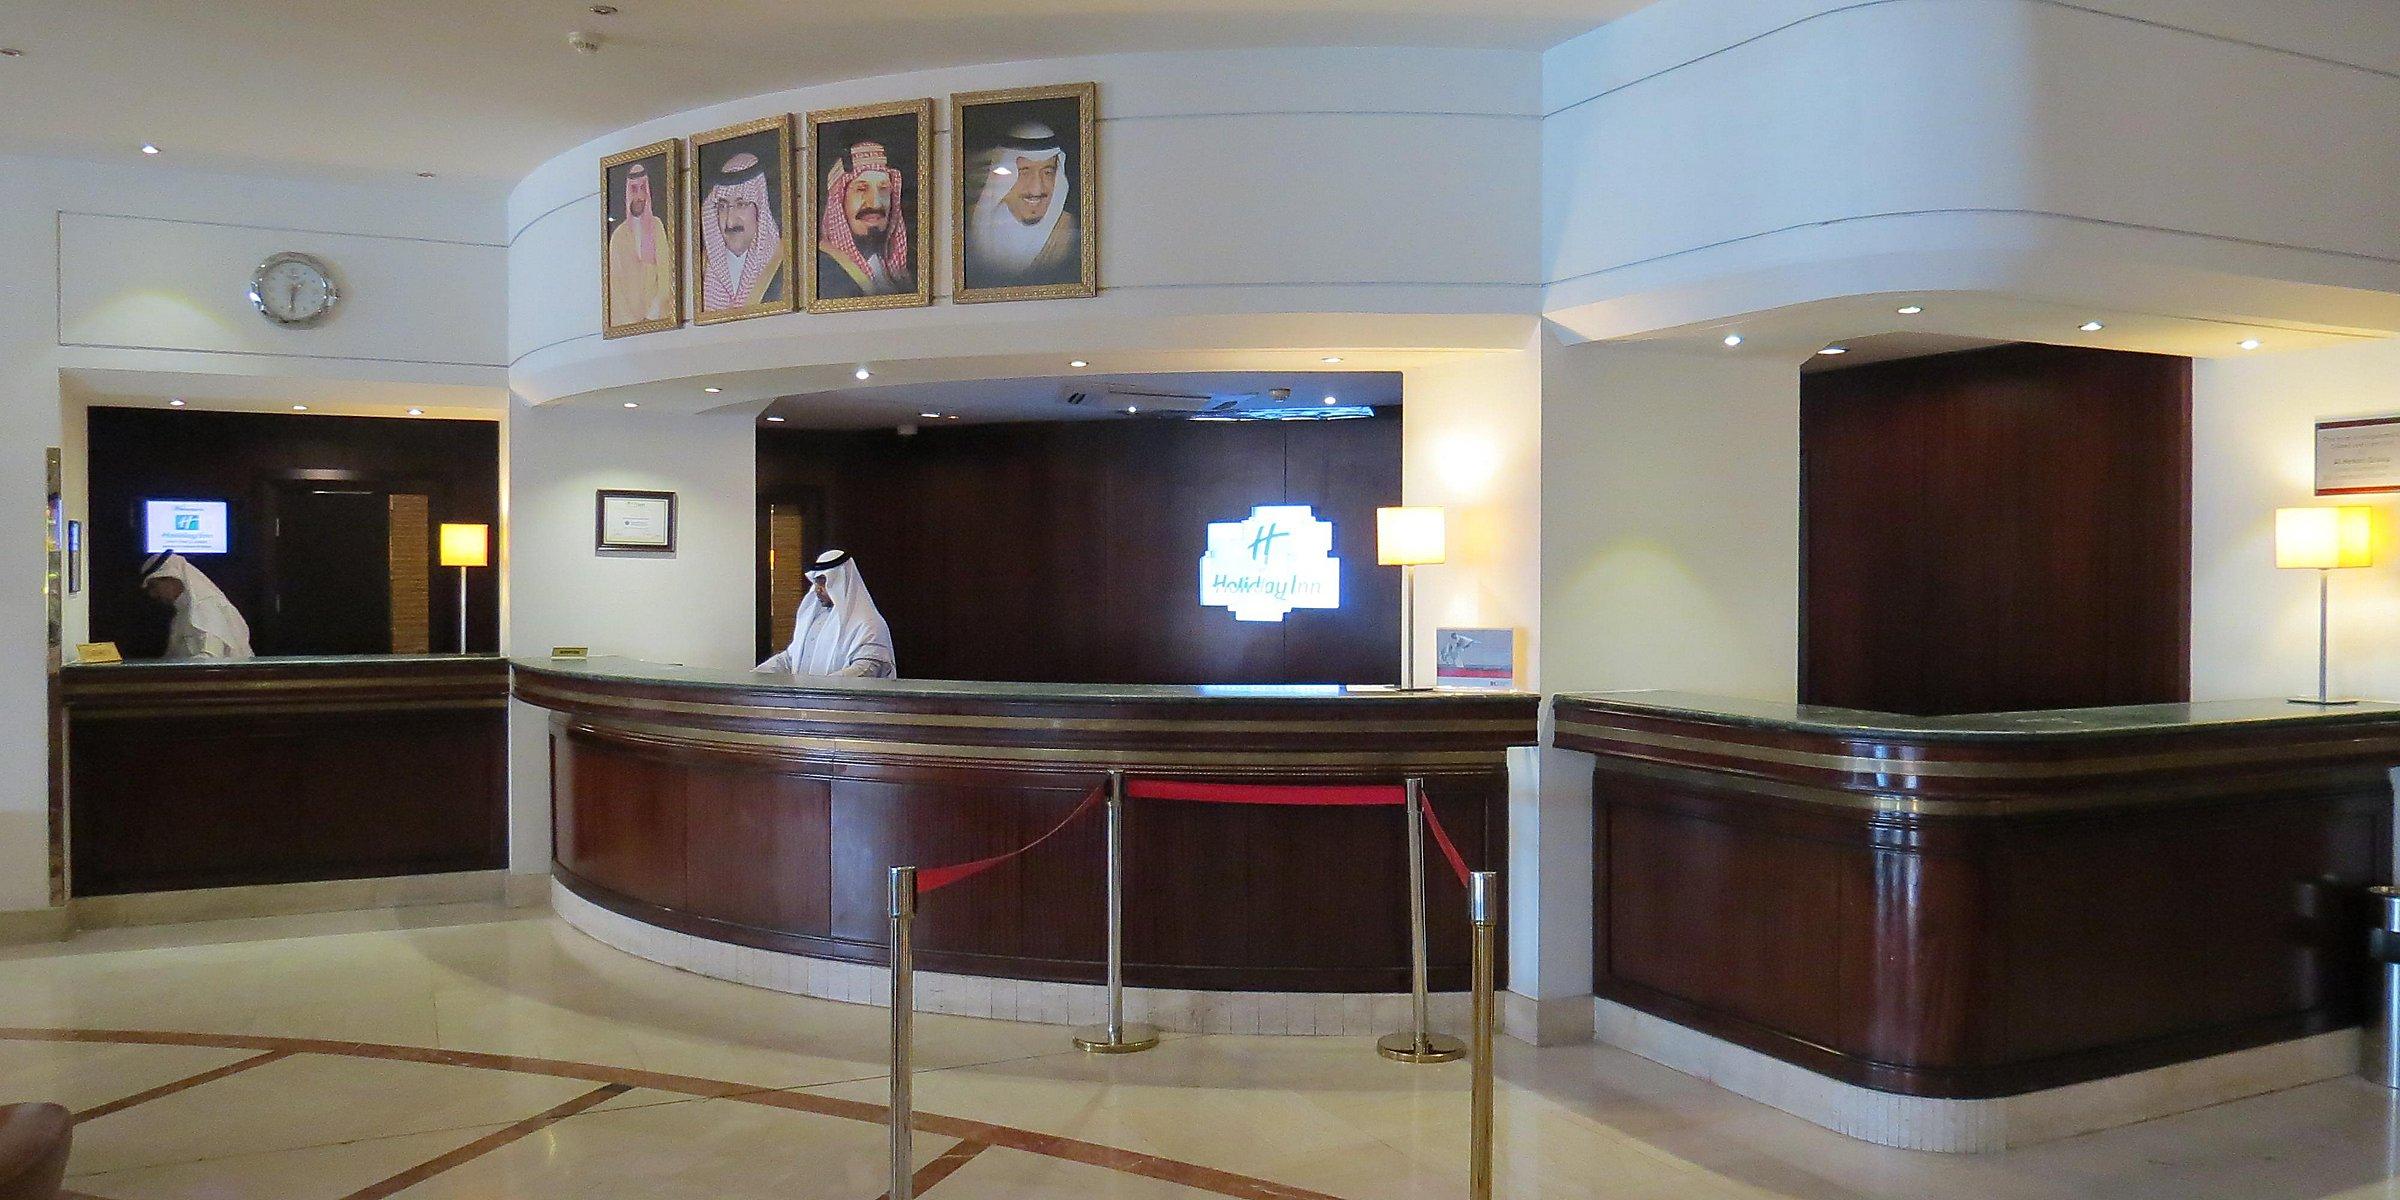 Holiday Inn Jeddah - Al Salam Hotel by IHG